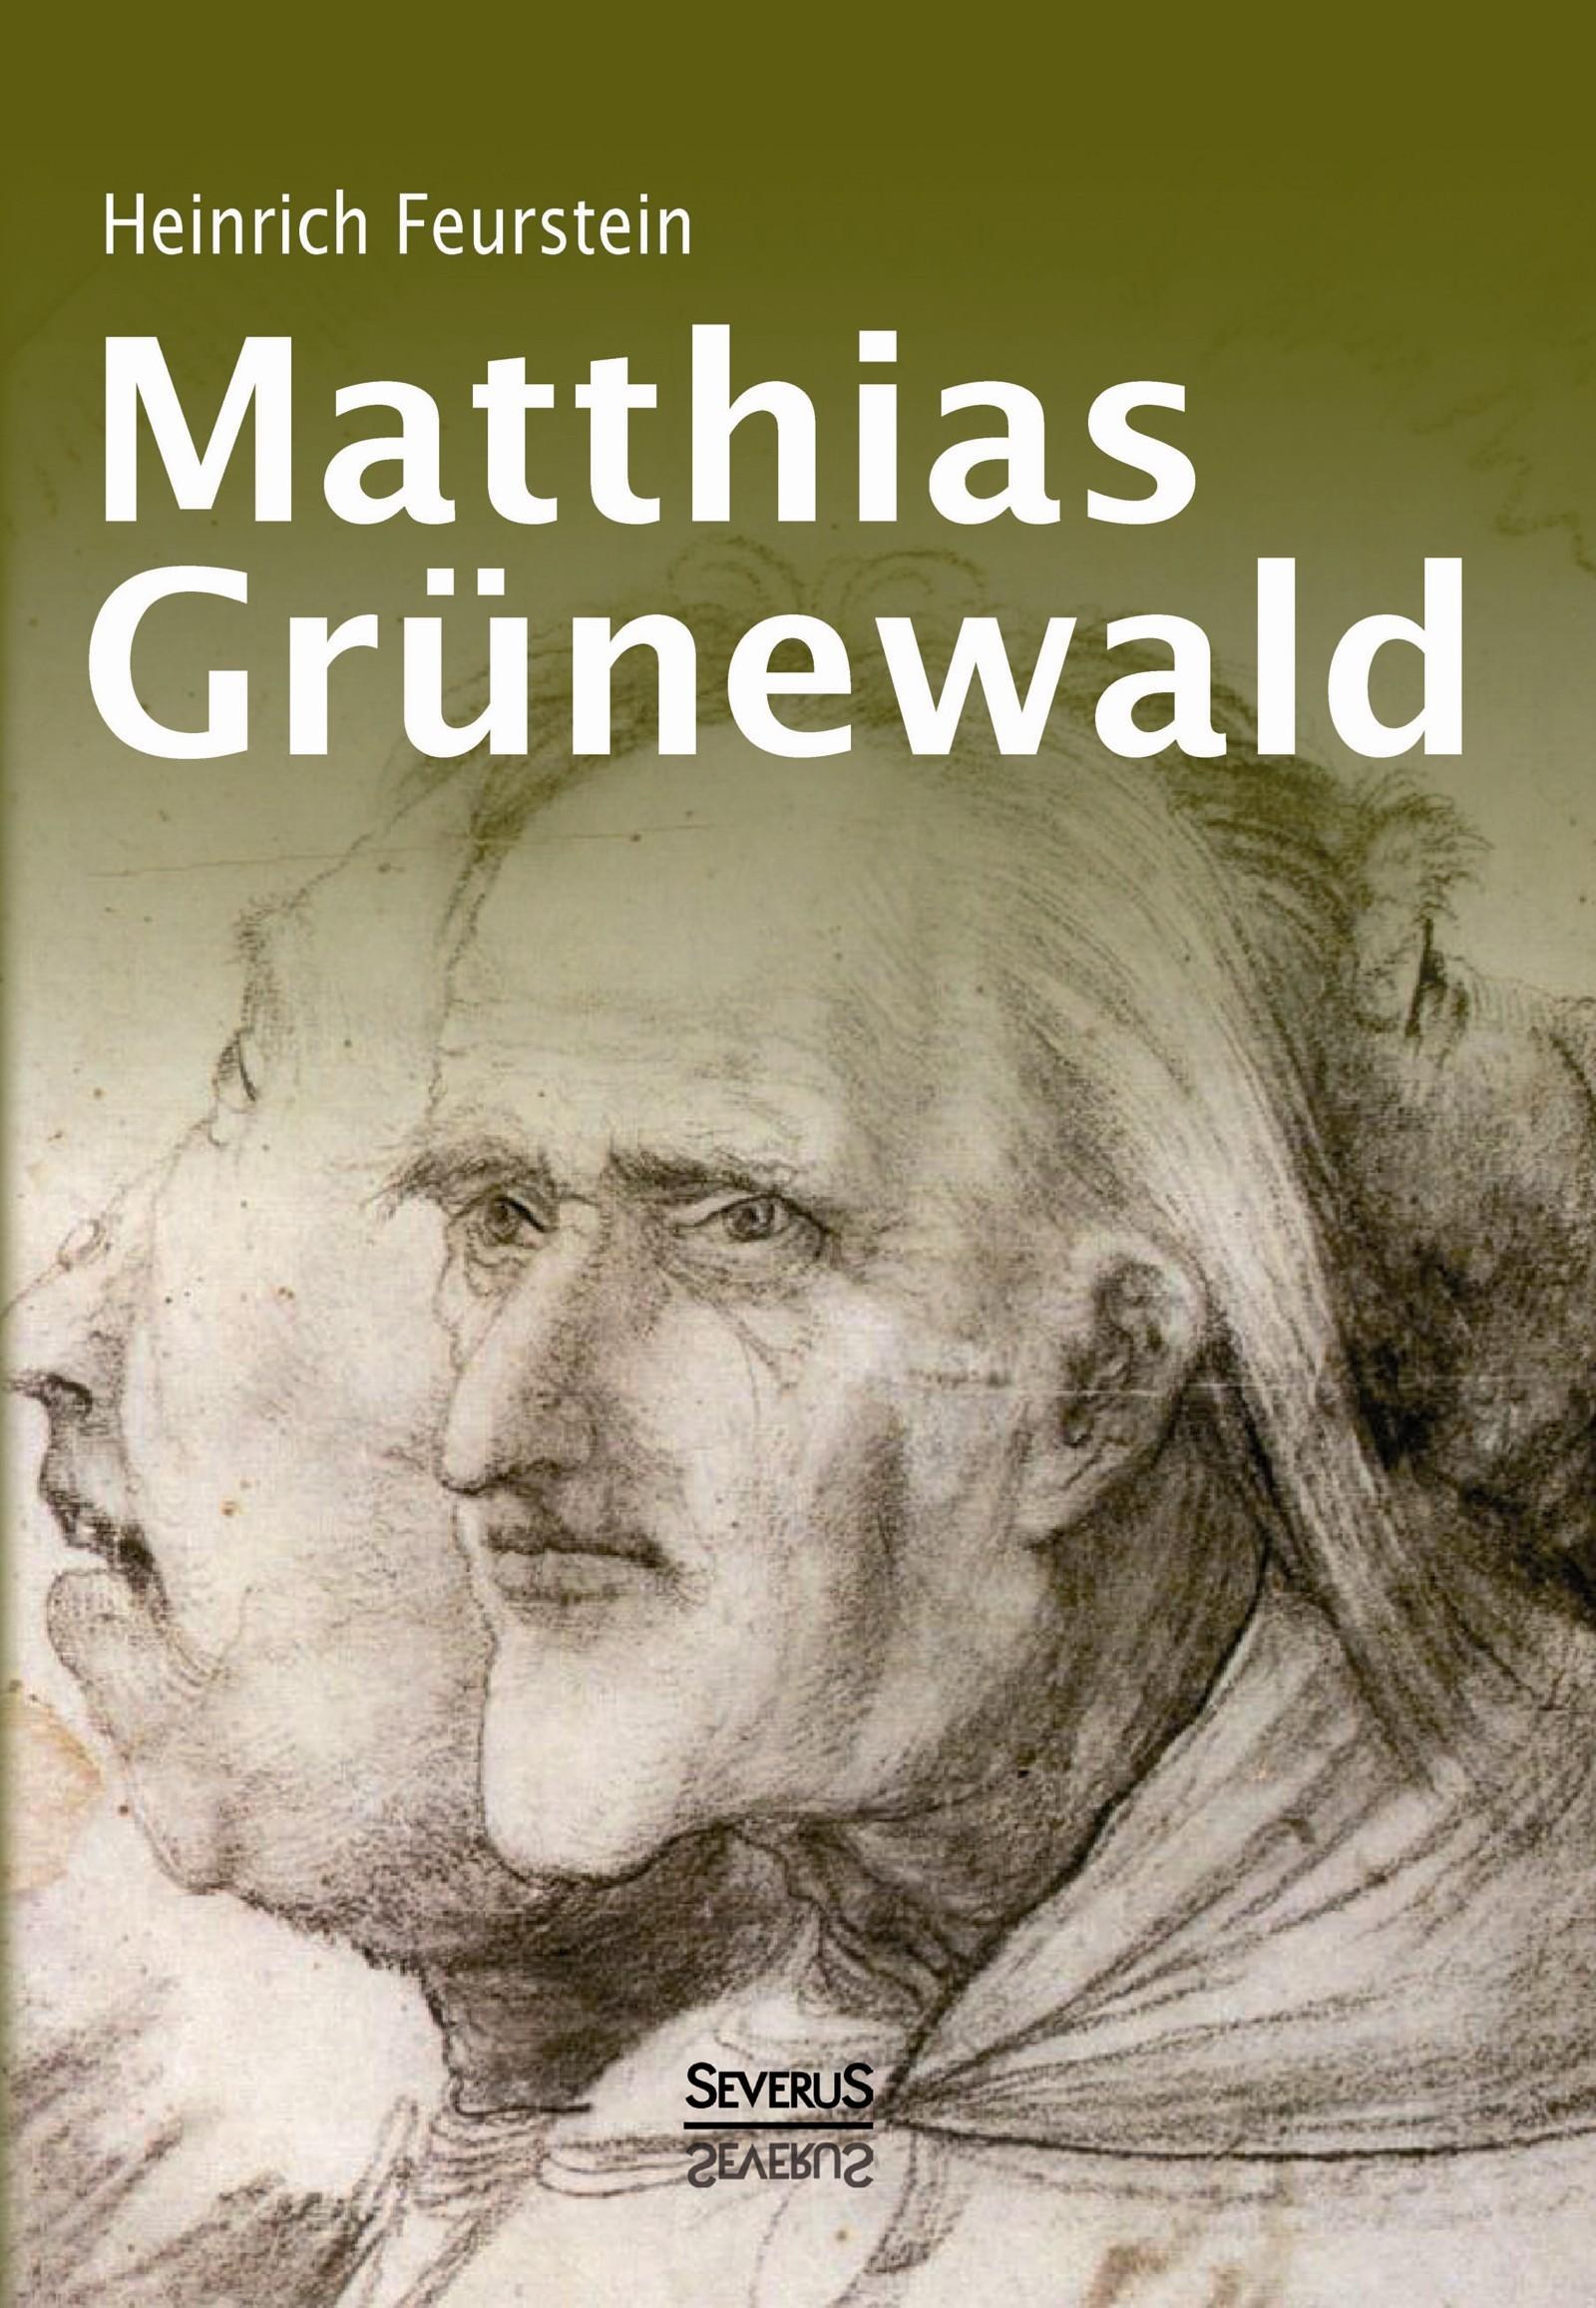 Abbildung von Feurstein | Matthias Grünewald. Monografie | 2014